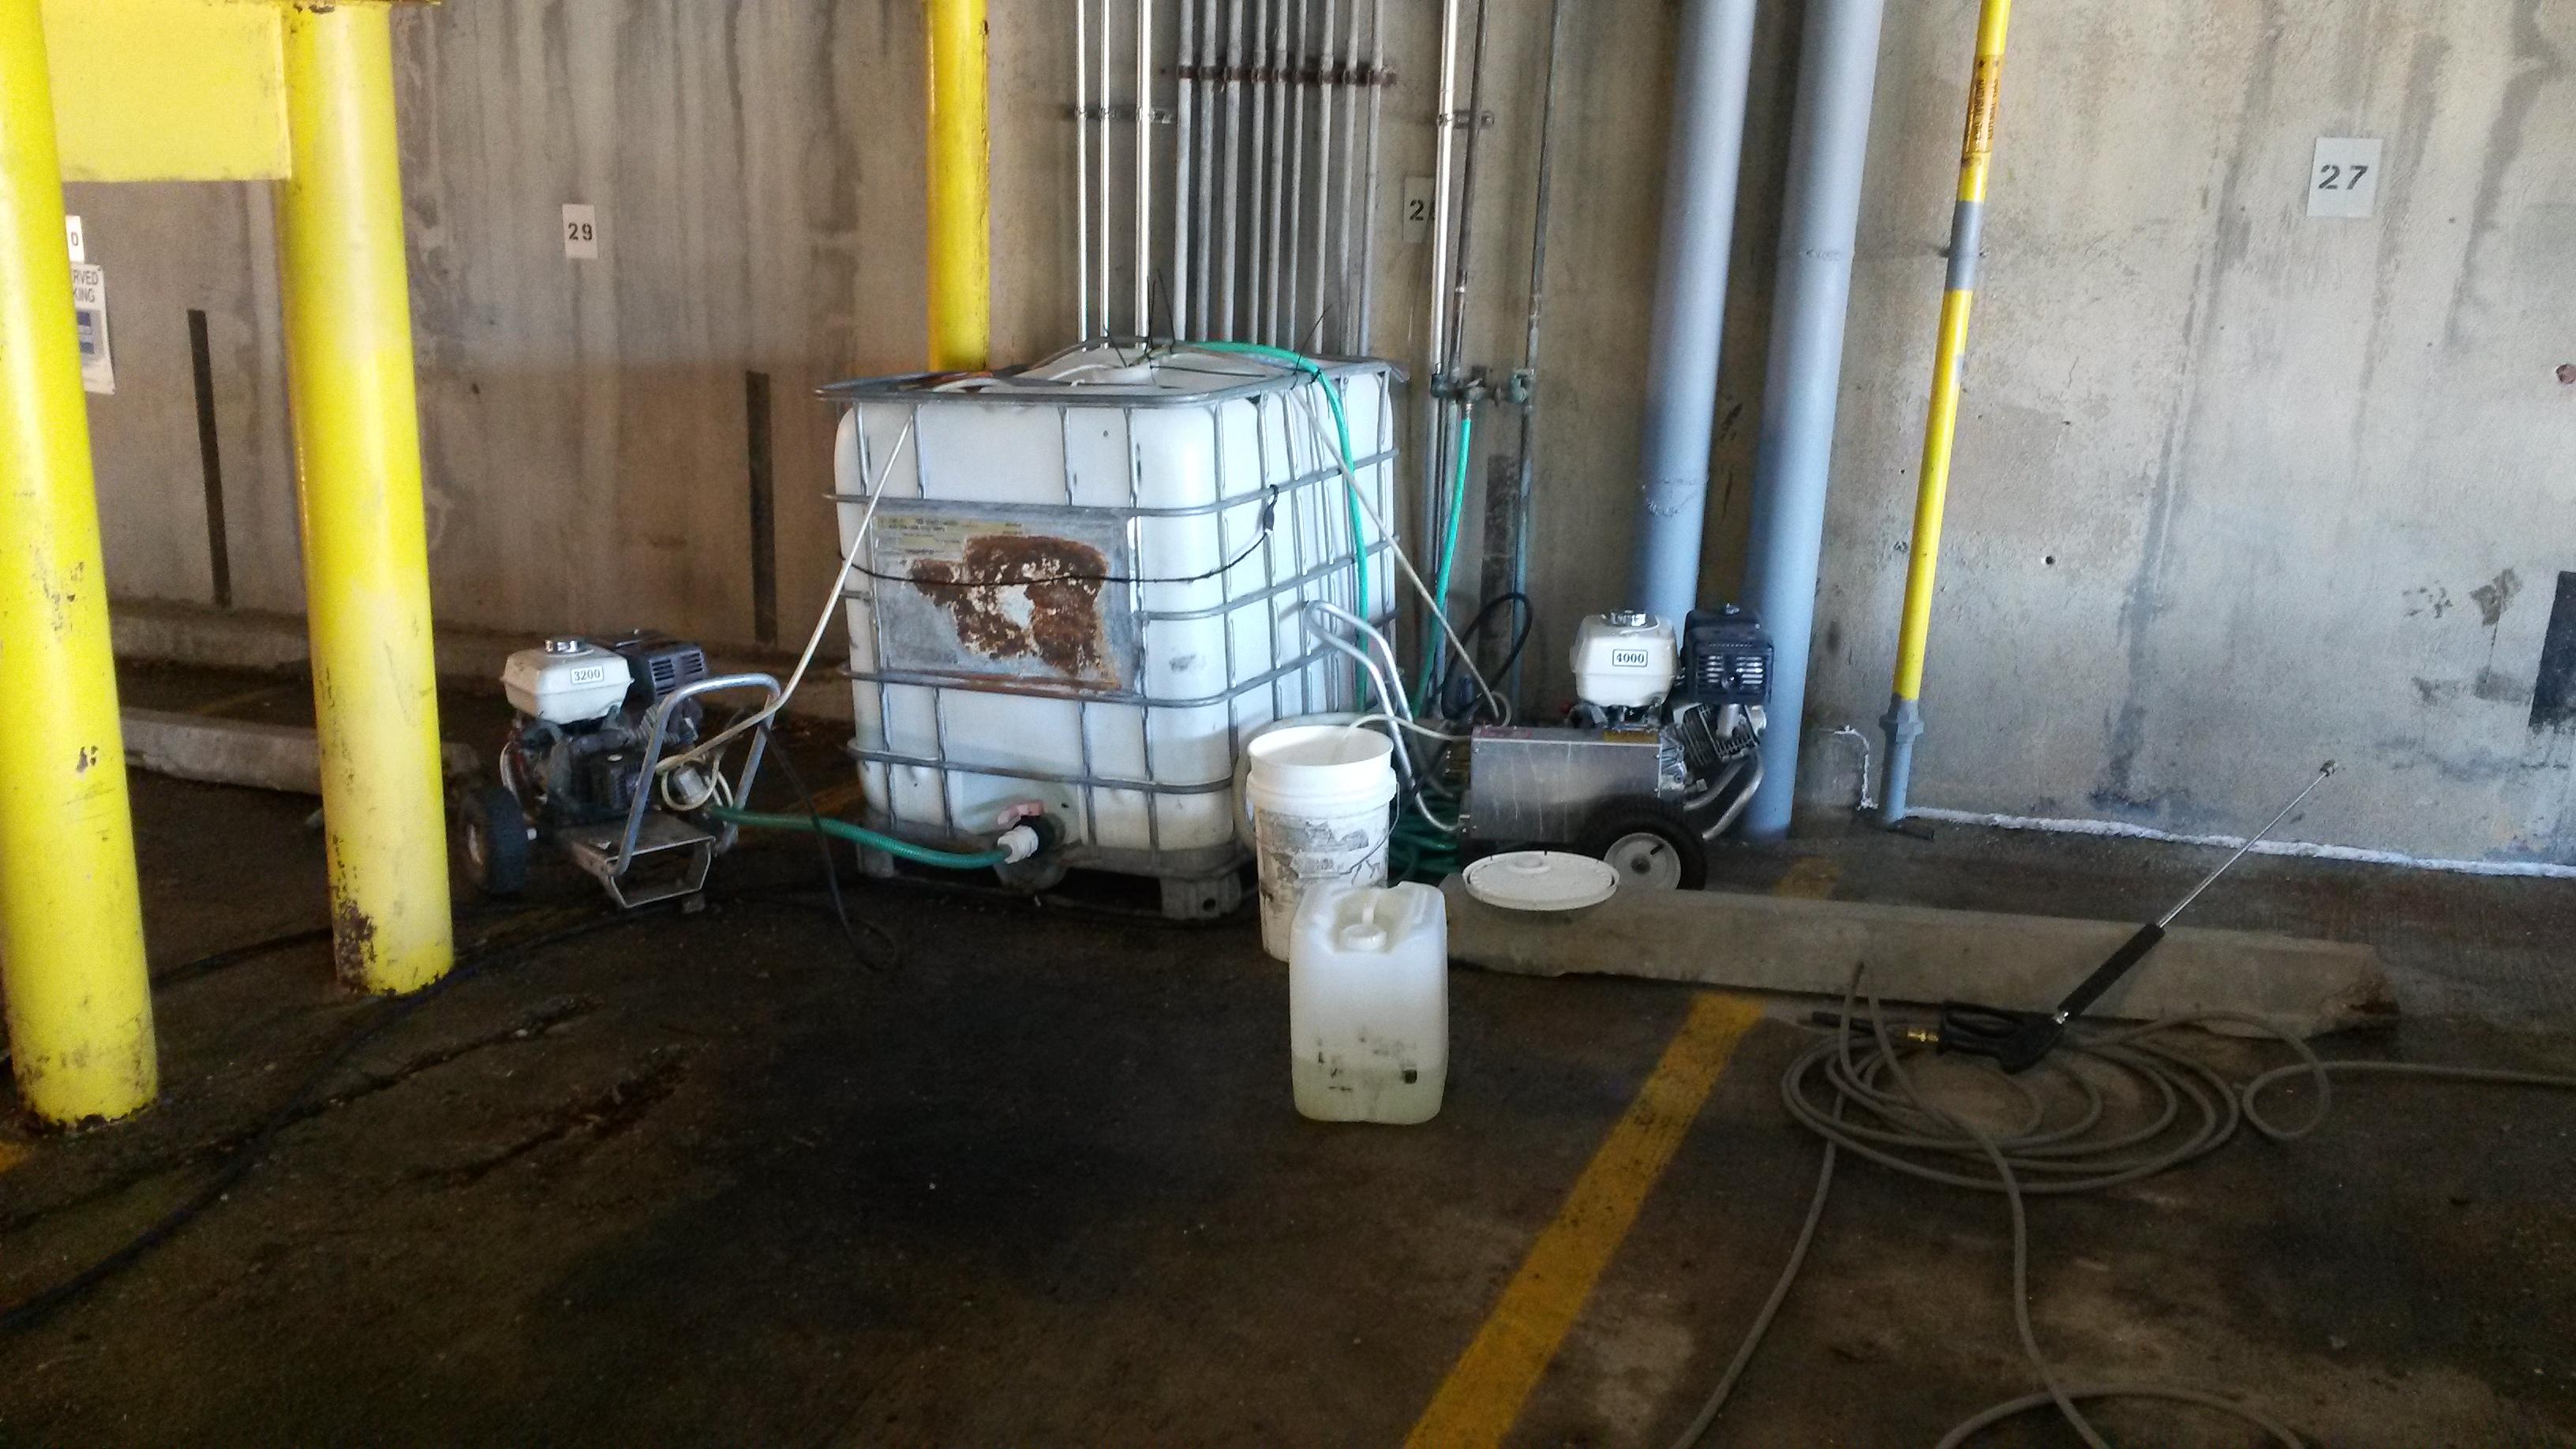 parking deck powerwashing2.jpg